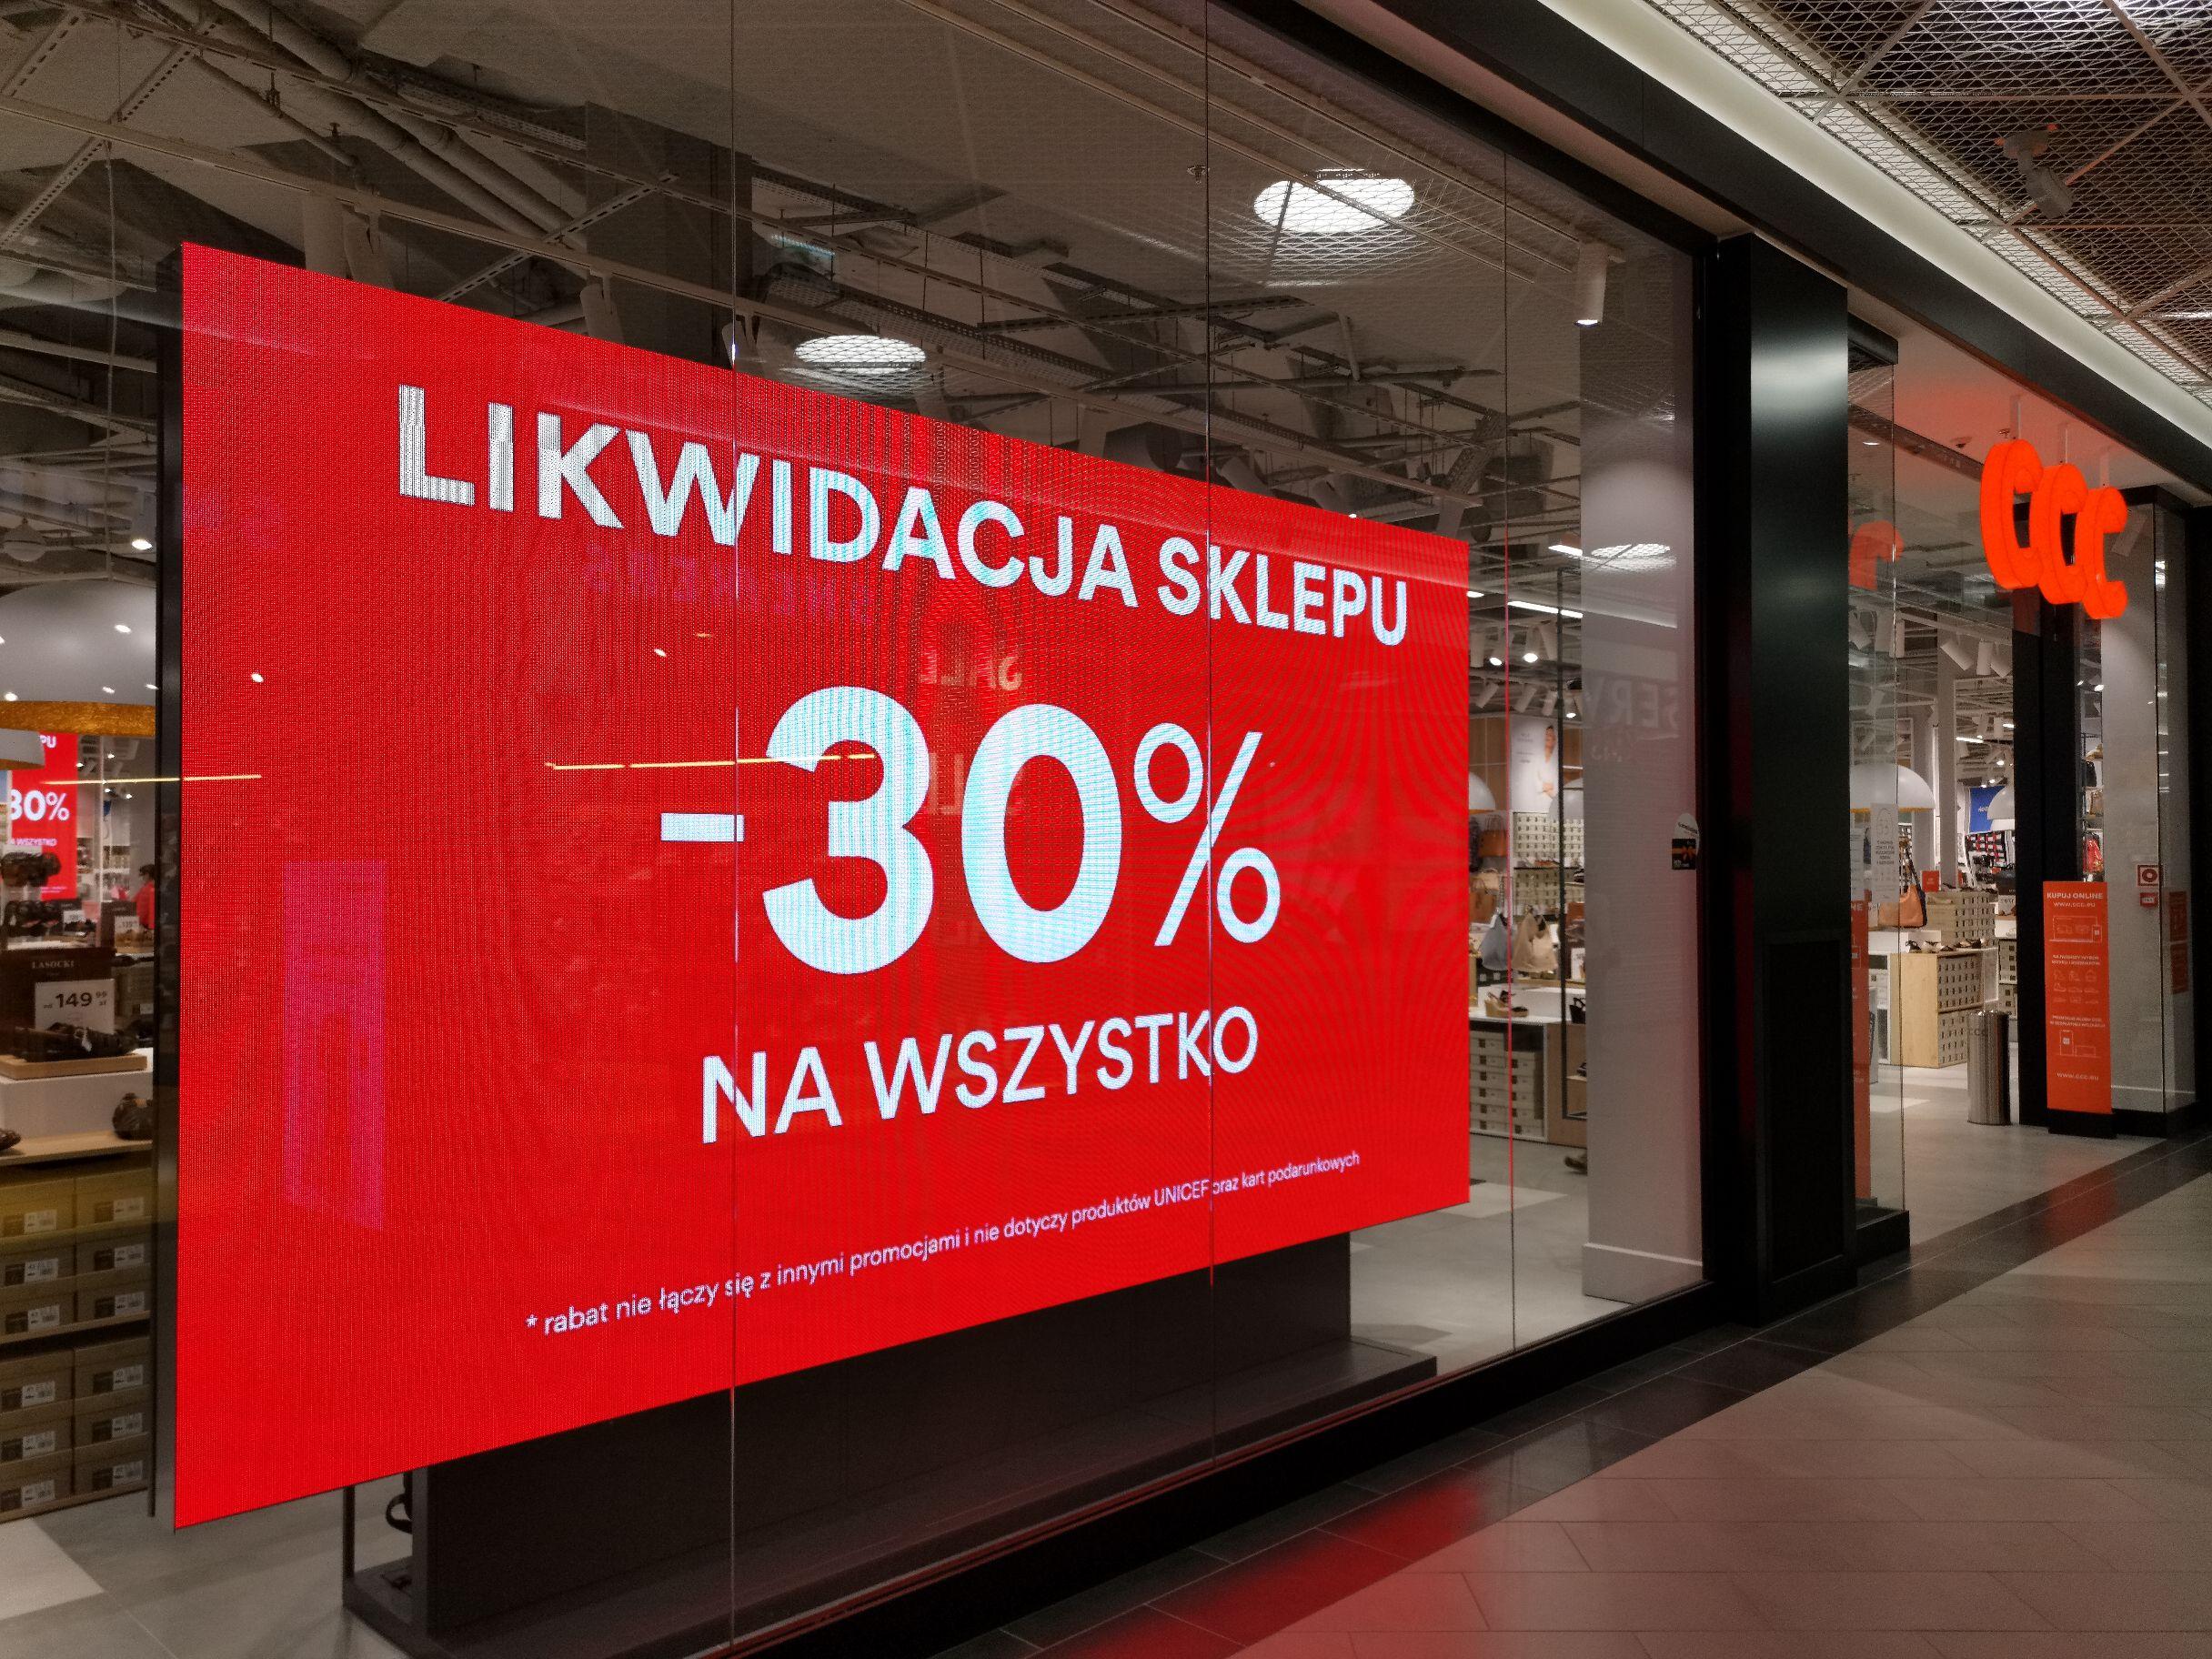 -30% Wszystko CCC Likwidacja sklepu Warszawa/ Atrium Targówek